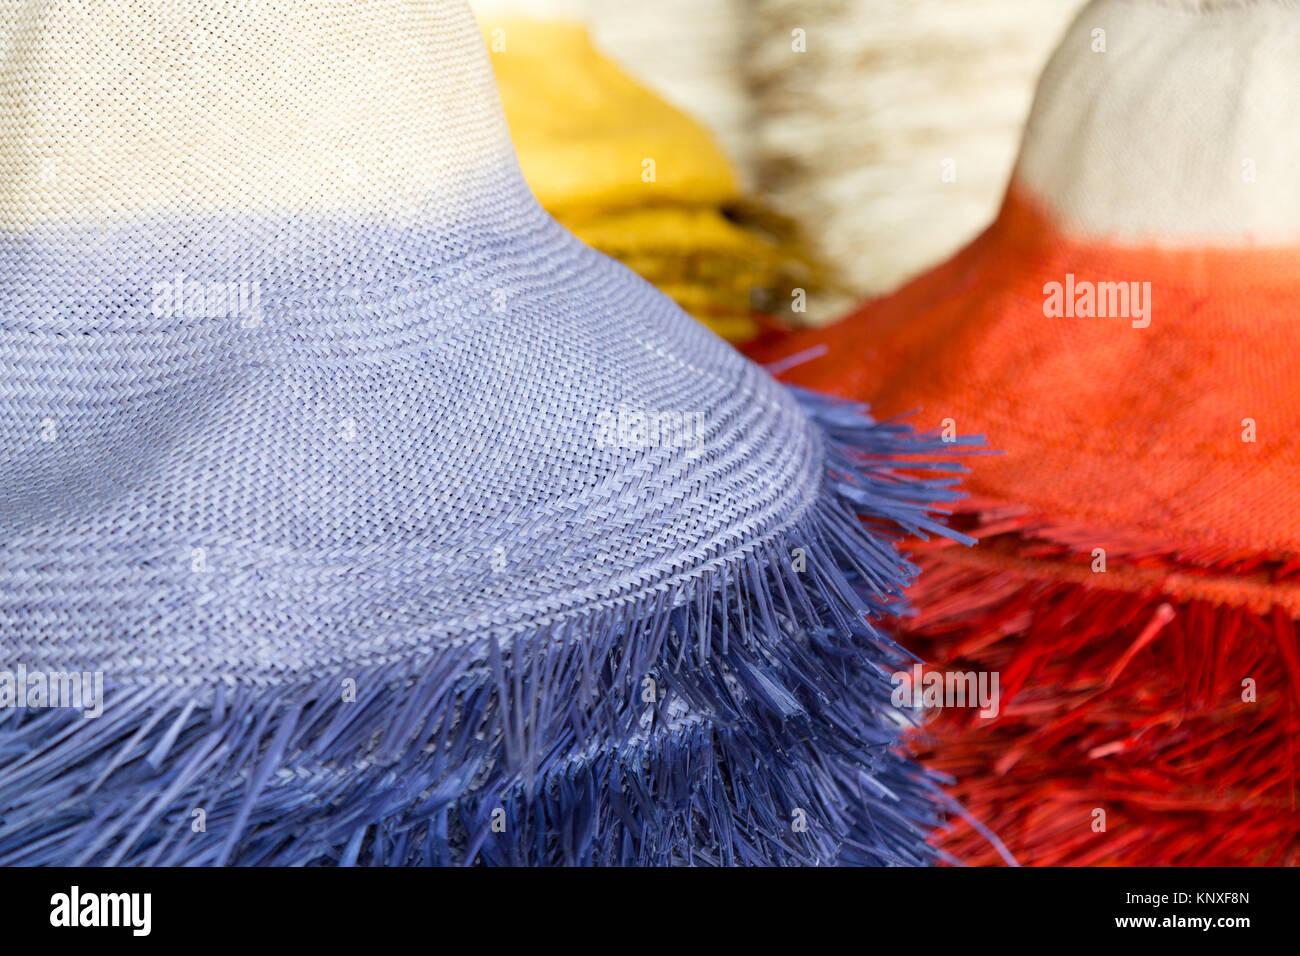 Panama Hats - sombreros Panamá de color realizados en una fábrica de  sombreros de Panamá f10ce891157